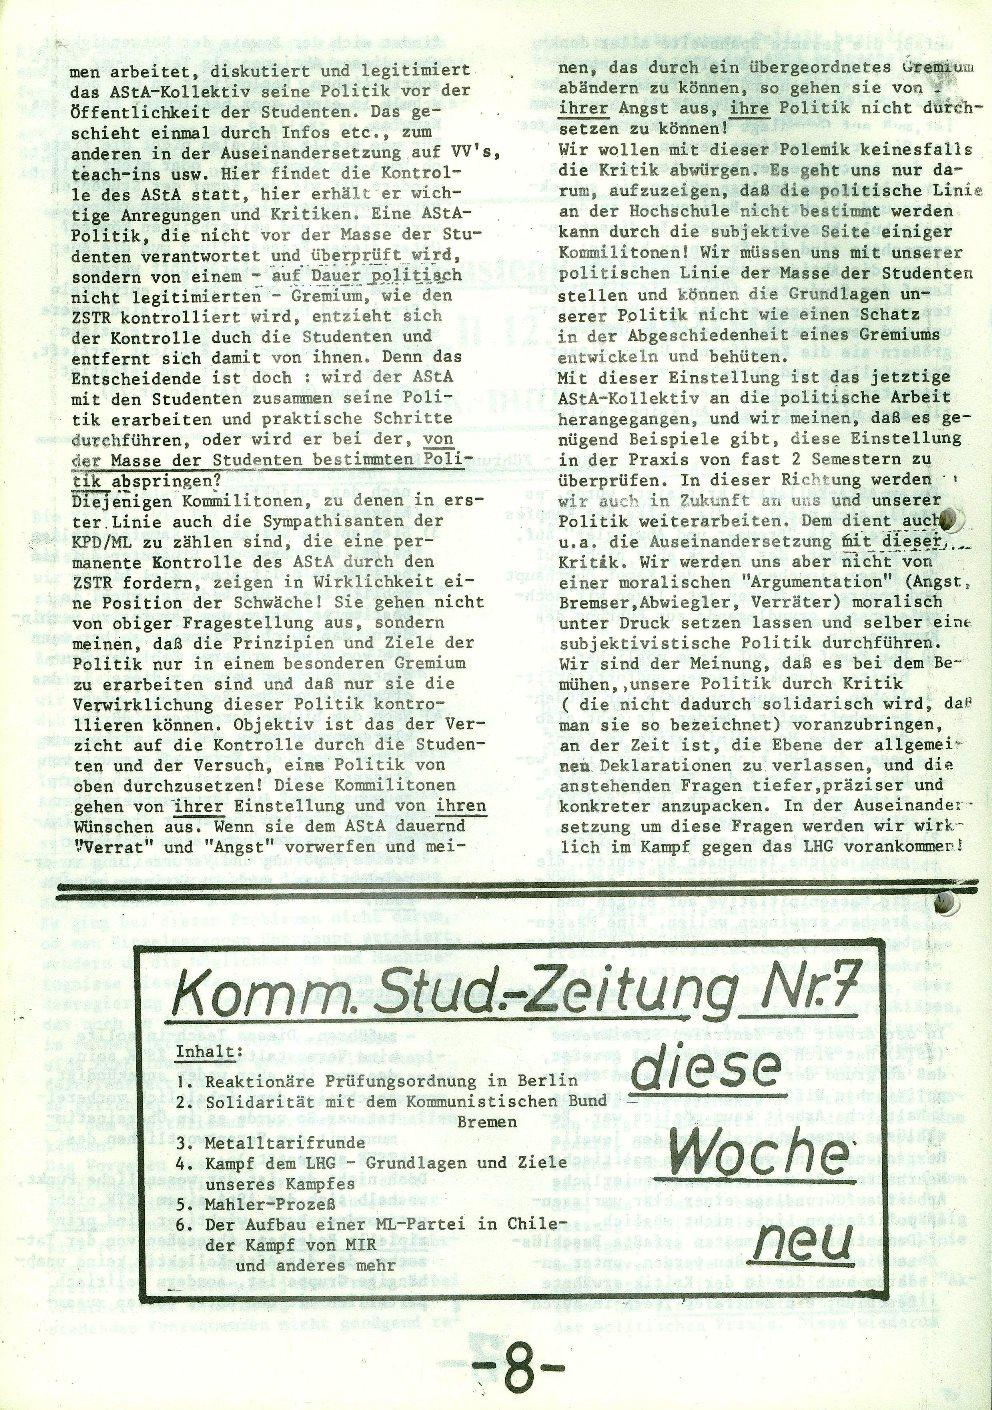 Kiel_Uni545